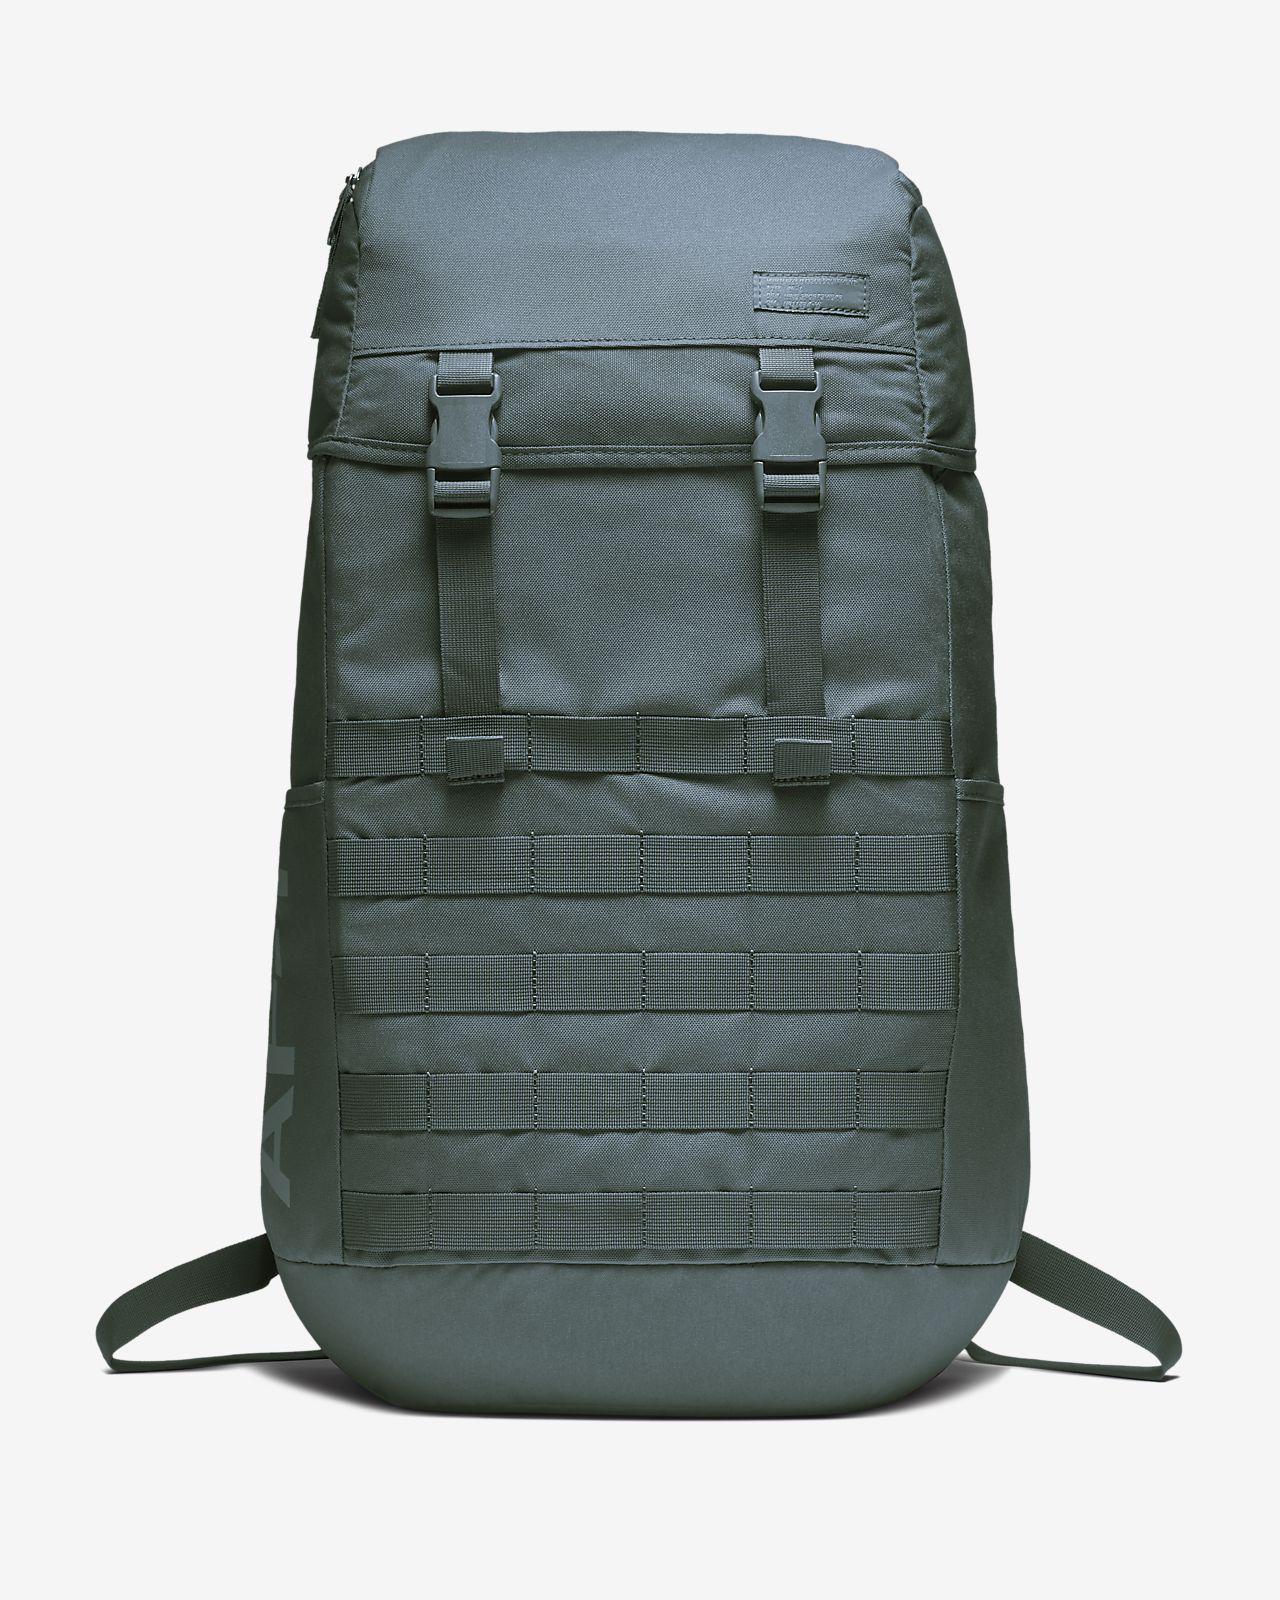 d7a86c5d2b2c Low Resolution Nike Sportswear AF1 Backpack Nike Sportswear AF1 Backpack